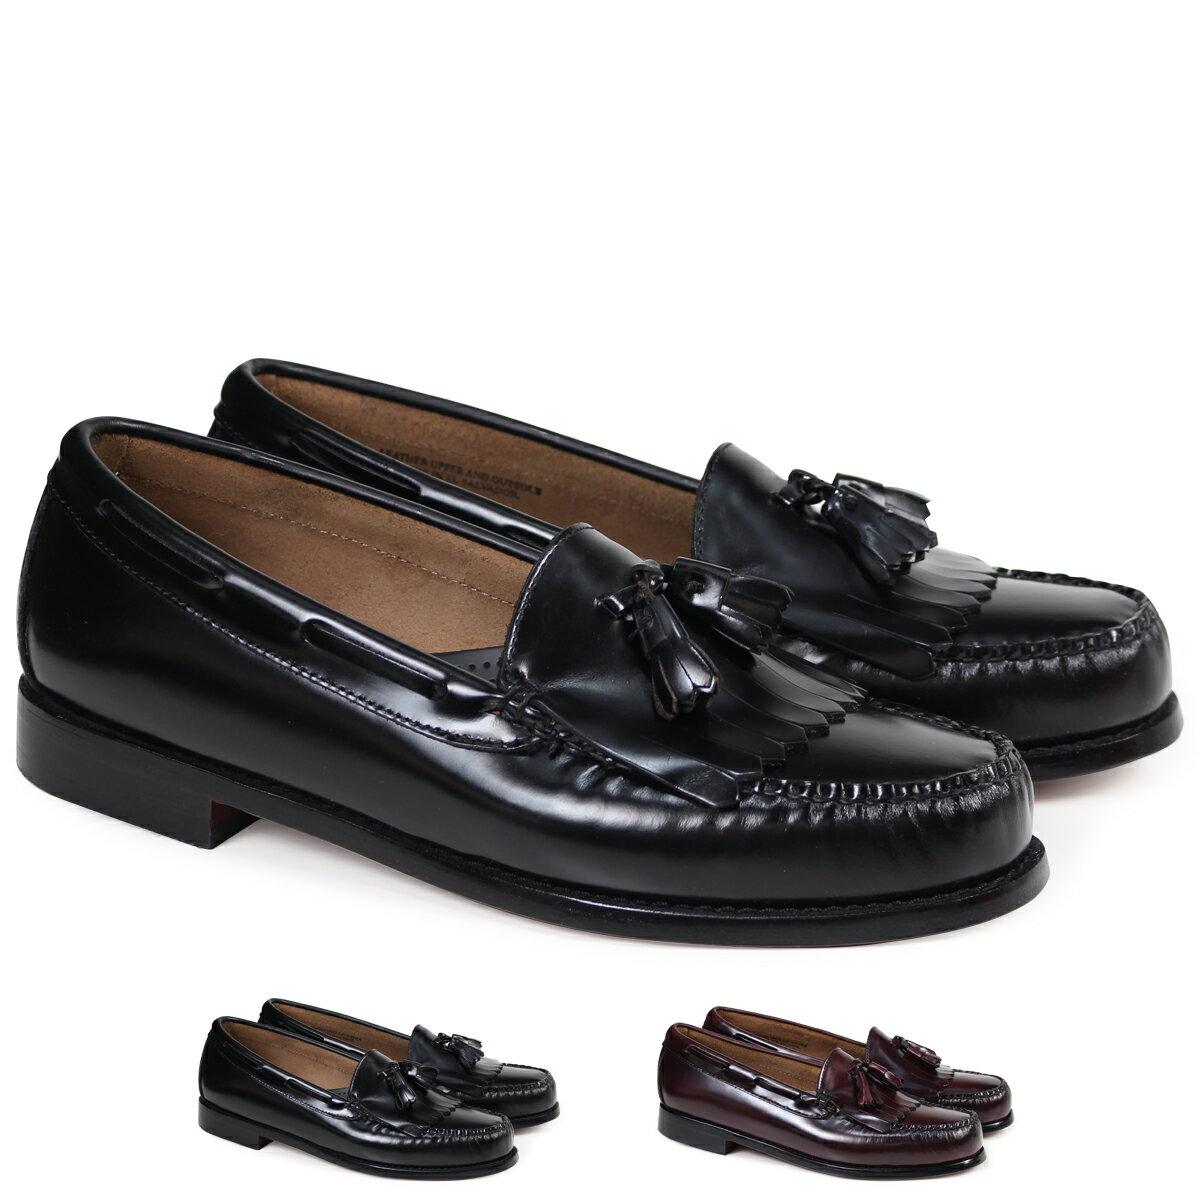 G.H. BASS LAYTON TASSEL LOAFER 70-10934 70-1093 ジーエイチバス ローファー メンズ9 靴 2カラー [1710]